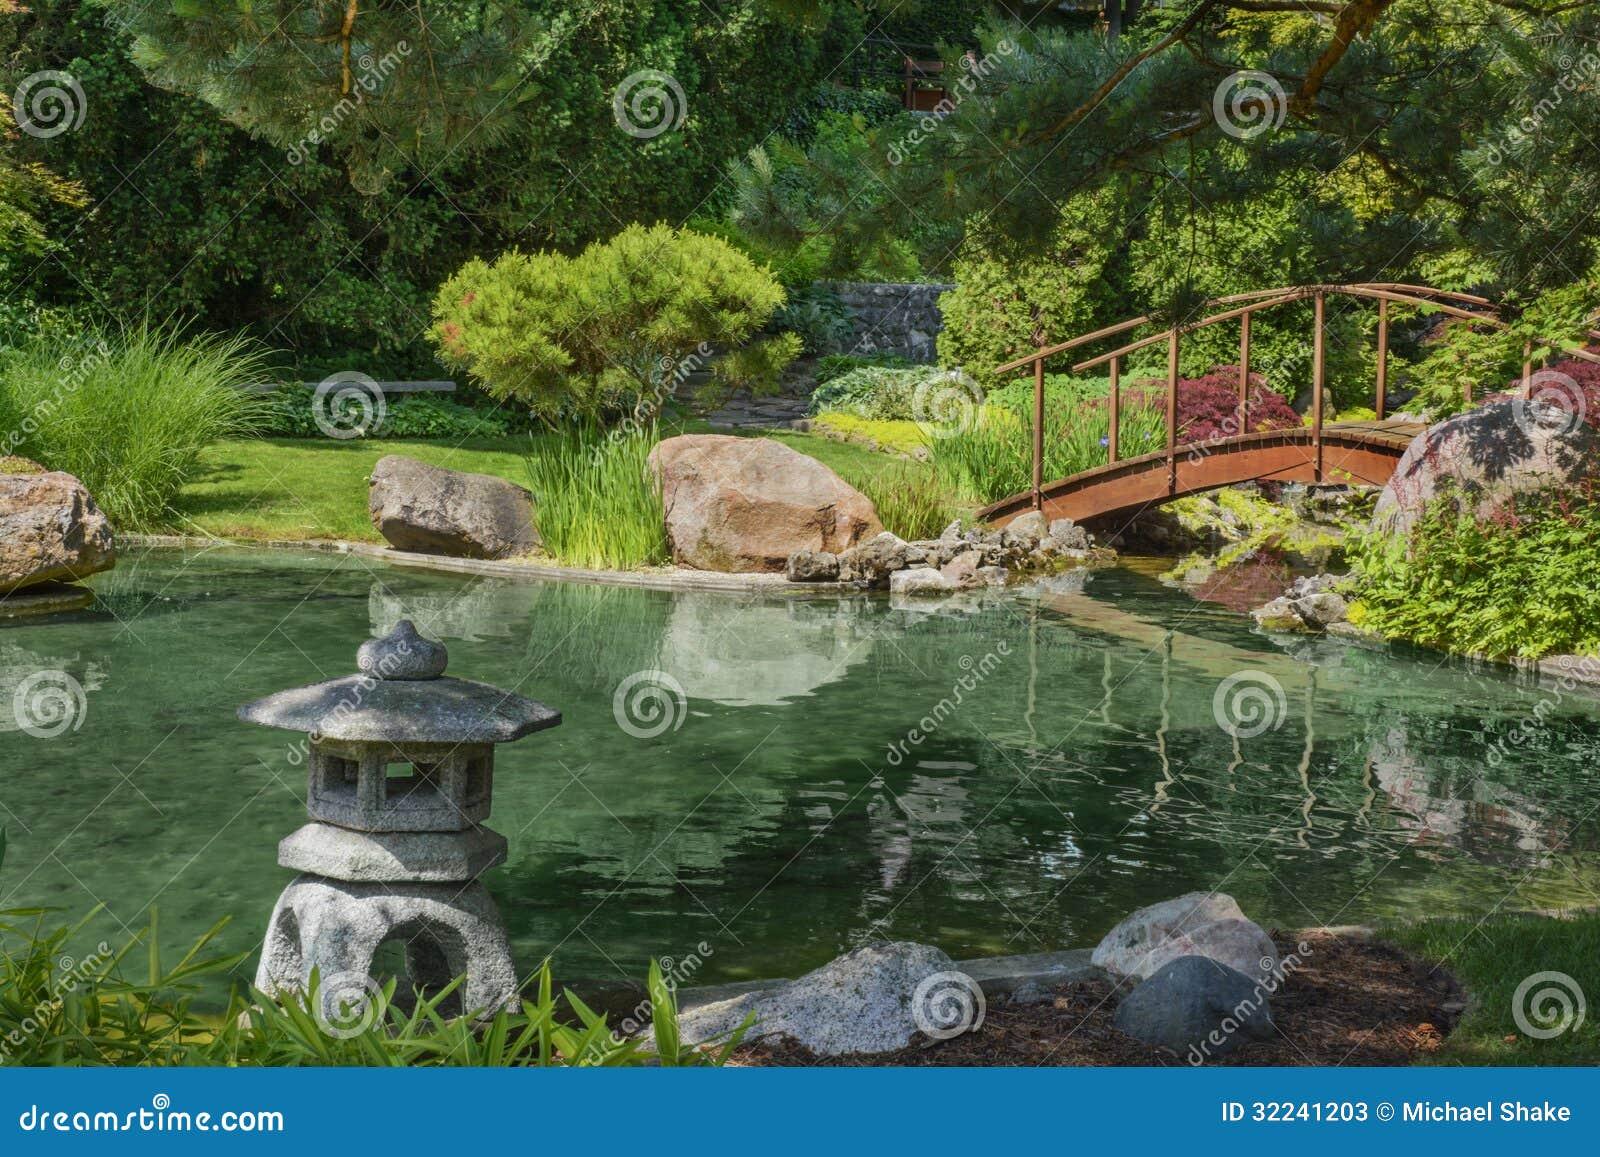 Japanese Garden Stock Photos - Image: 32241203